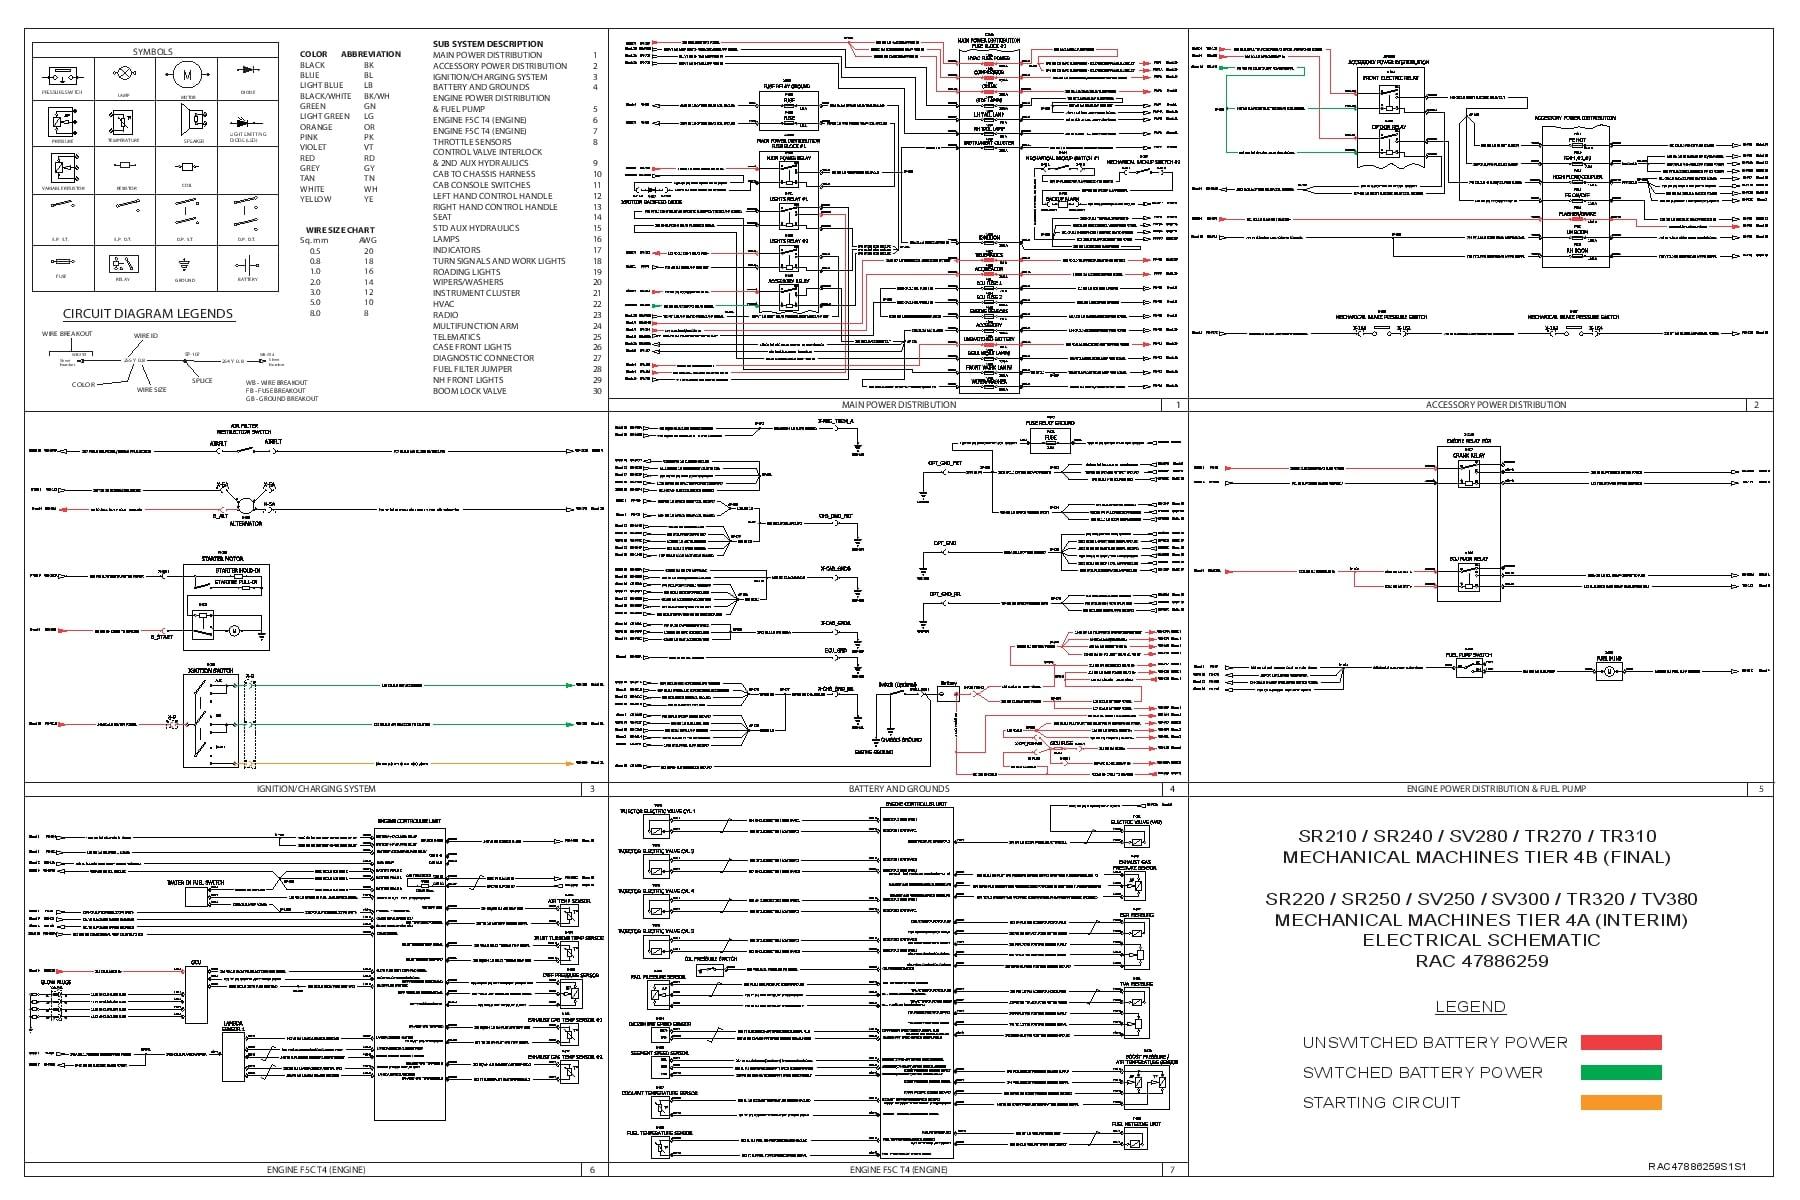 case sr210 sr240 sv280 tr270 tr310 sr220 sr250 sv250 sv300 tr320 tv380 mechanicalelectrical